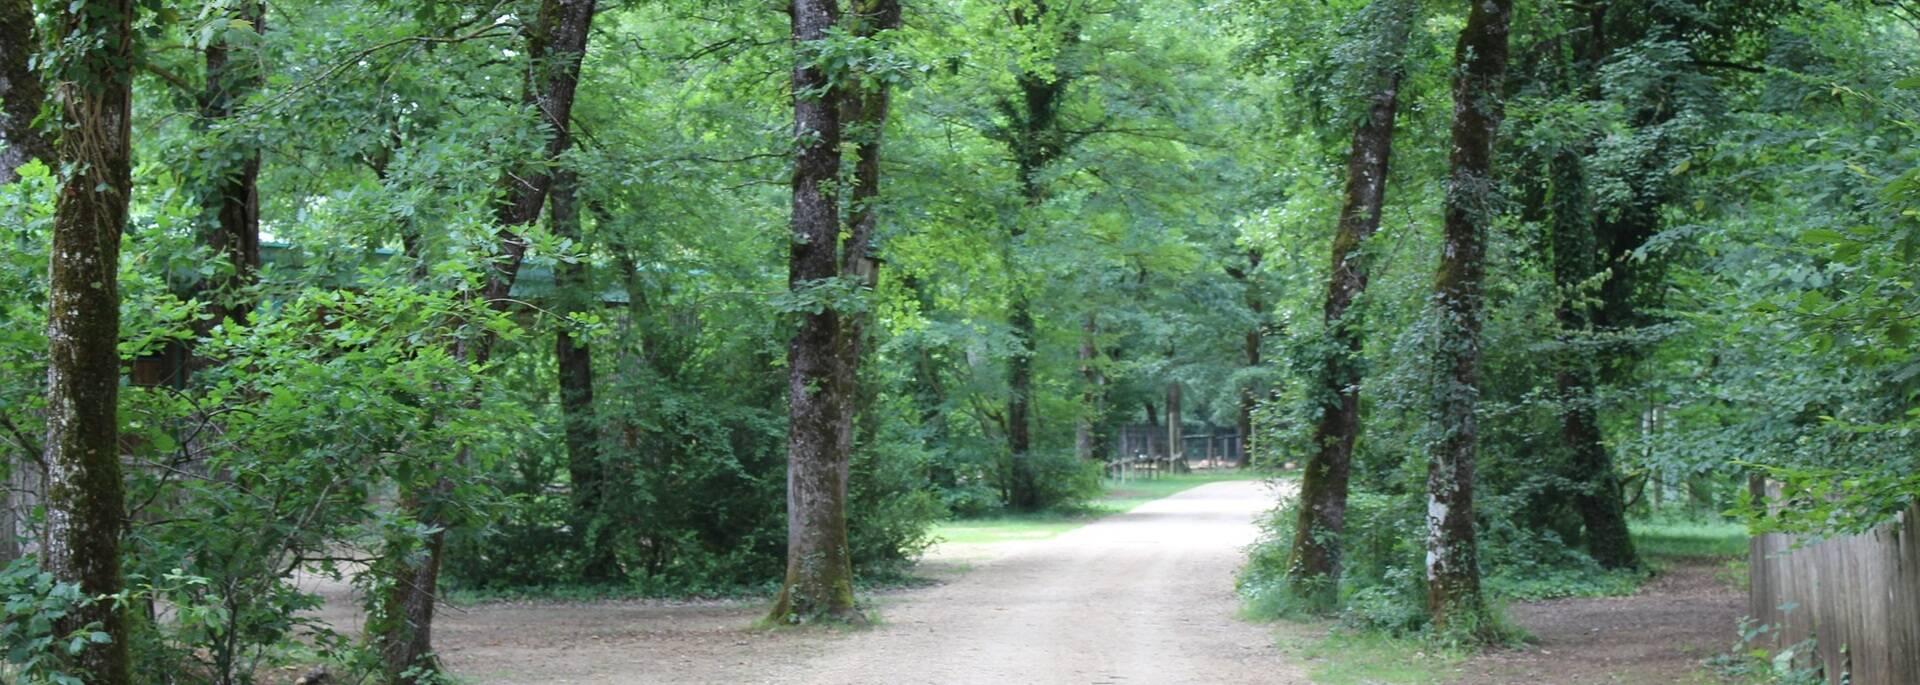 Zoodyssée : 30 hectares d'une nature préservée - ©P.Migaud / FDHPA17